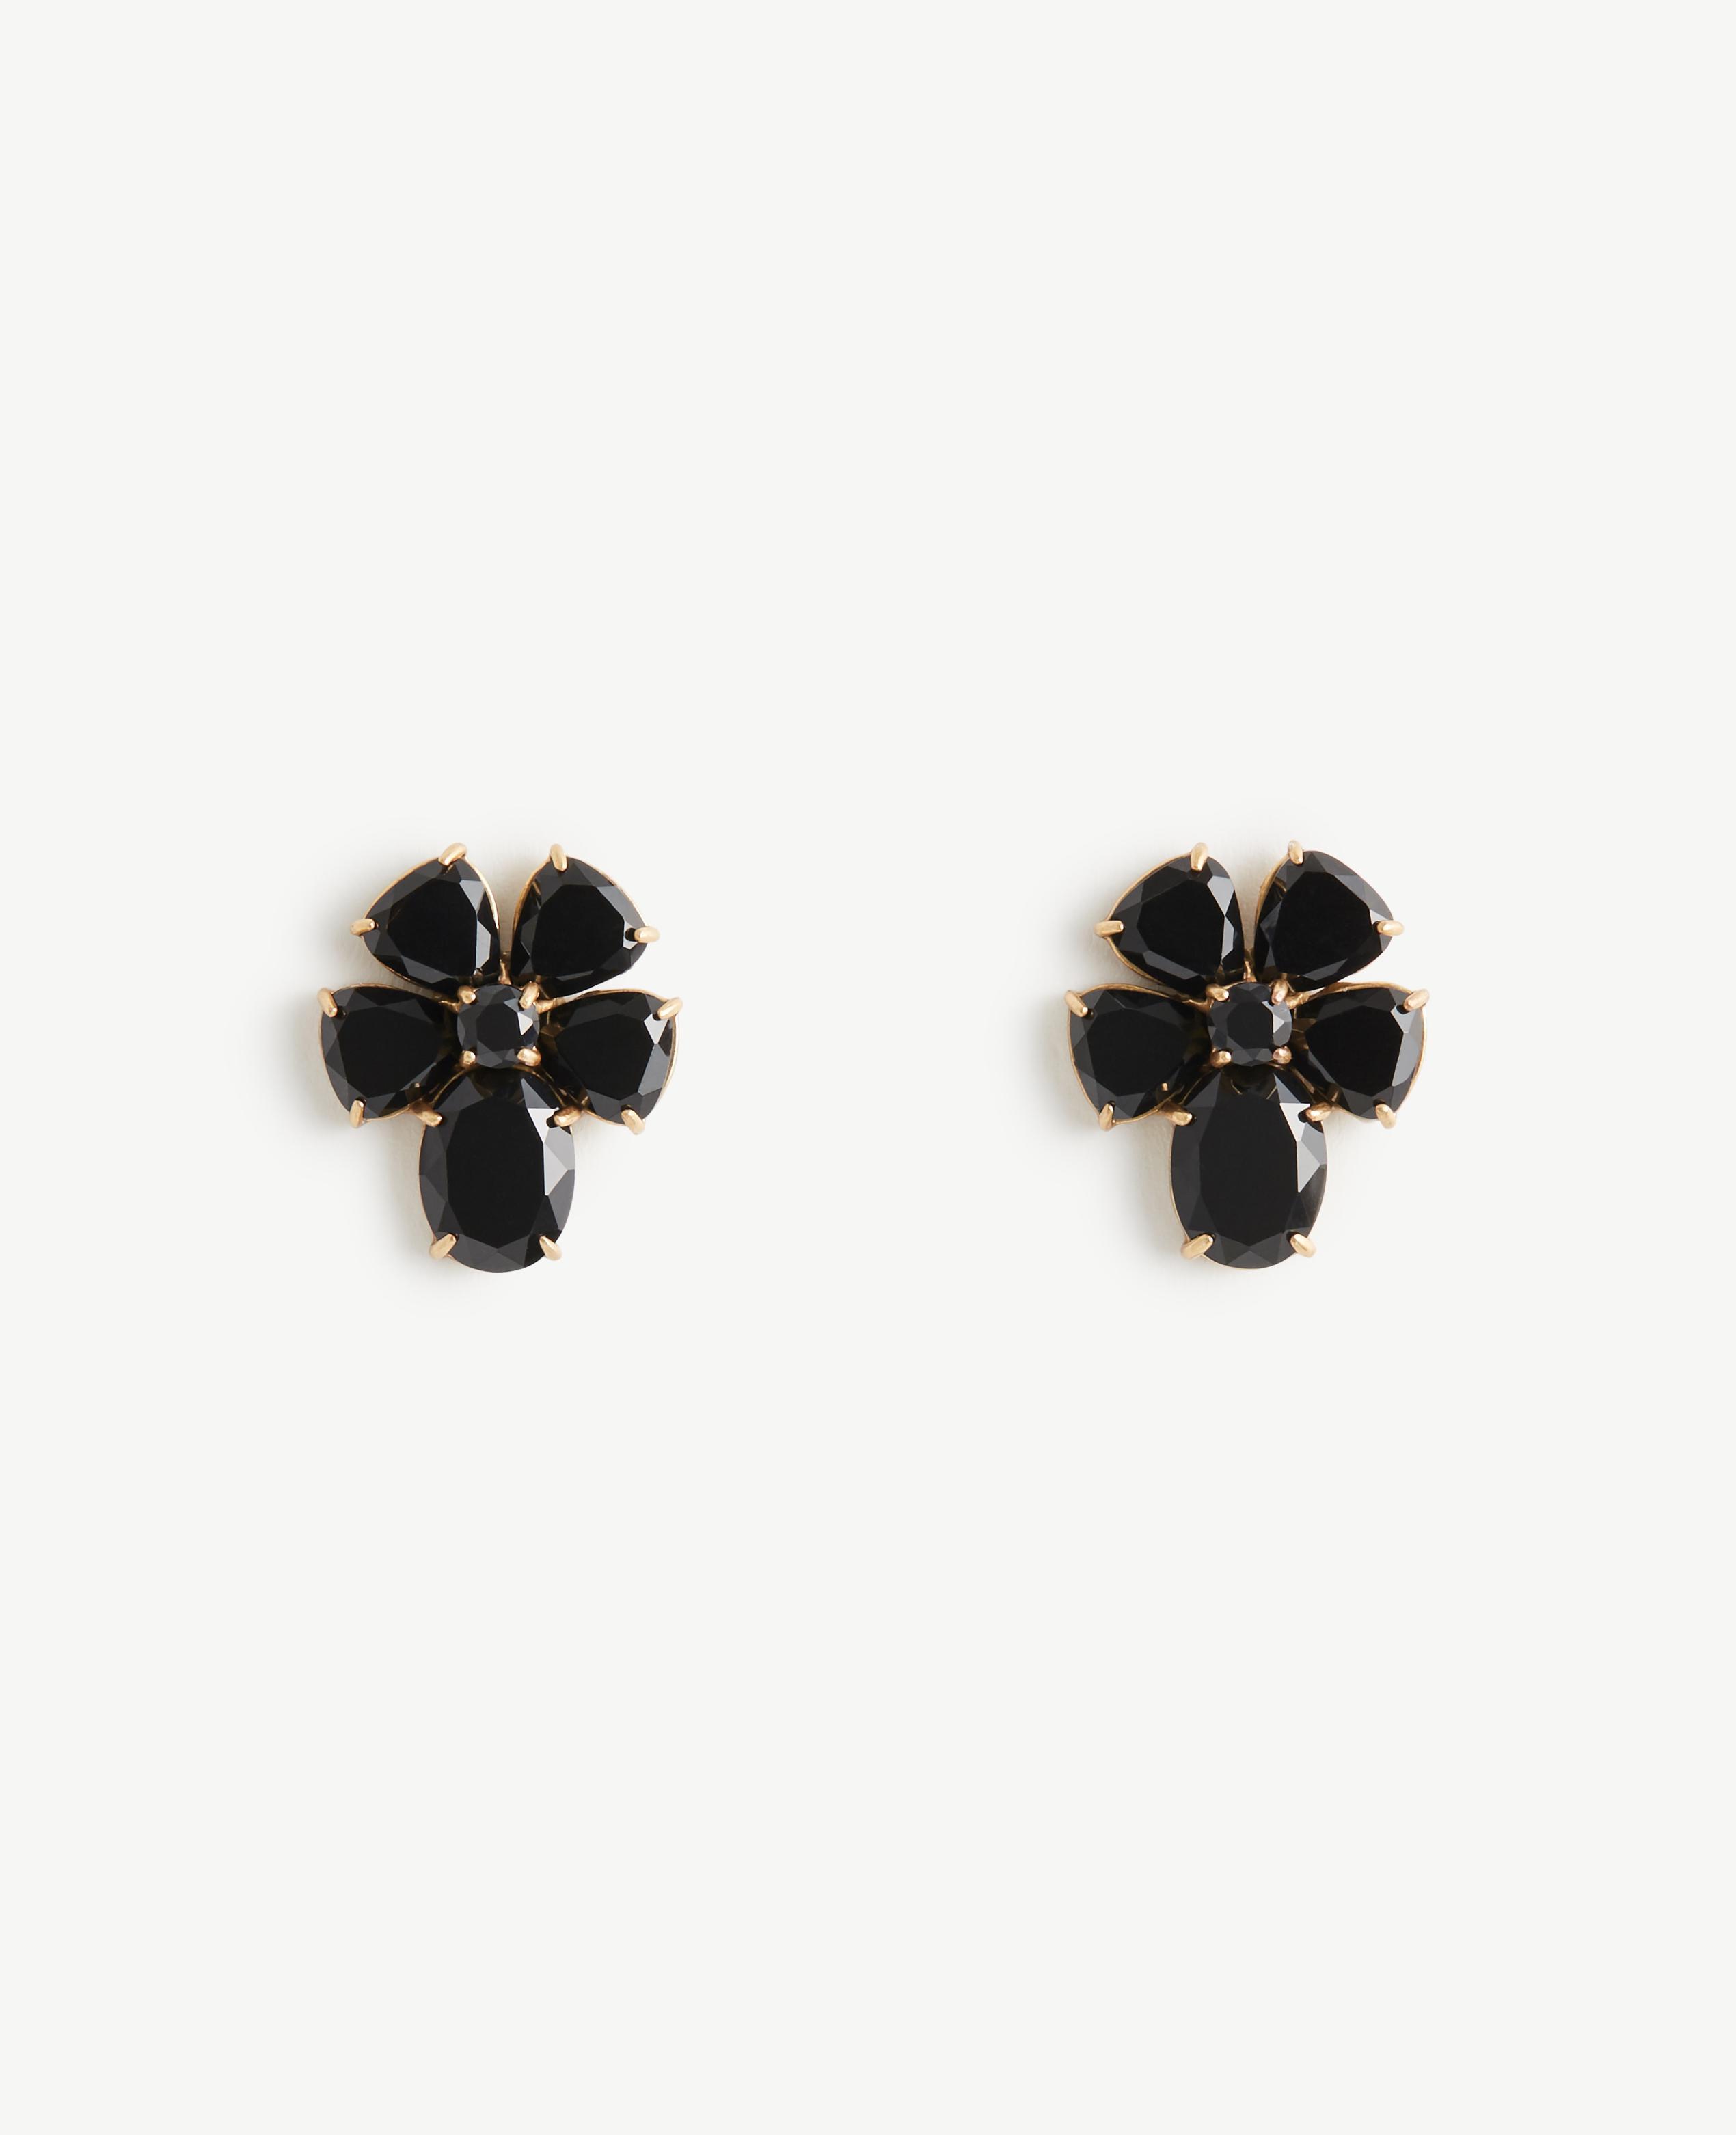 ANN TAYLOR Clover Stud Earrings fDiriiV